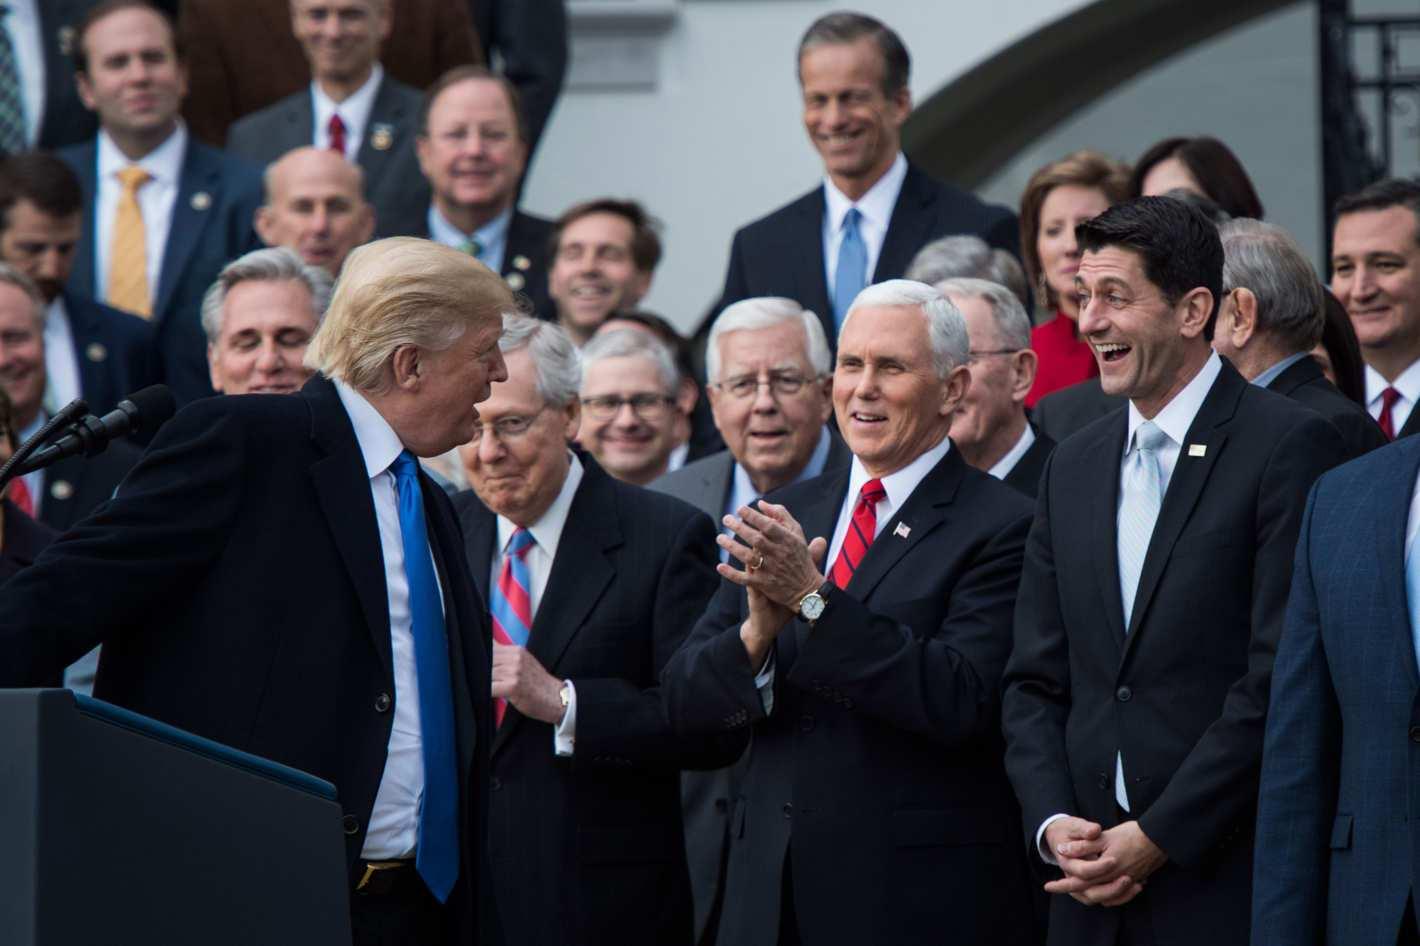 共和党税改赢了初一,赢得了十五吗